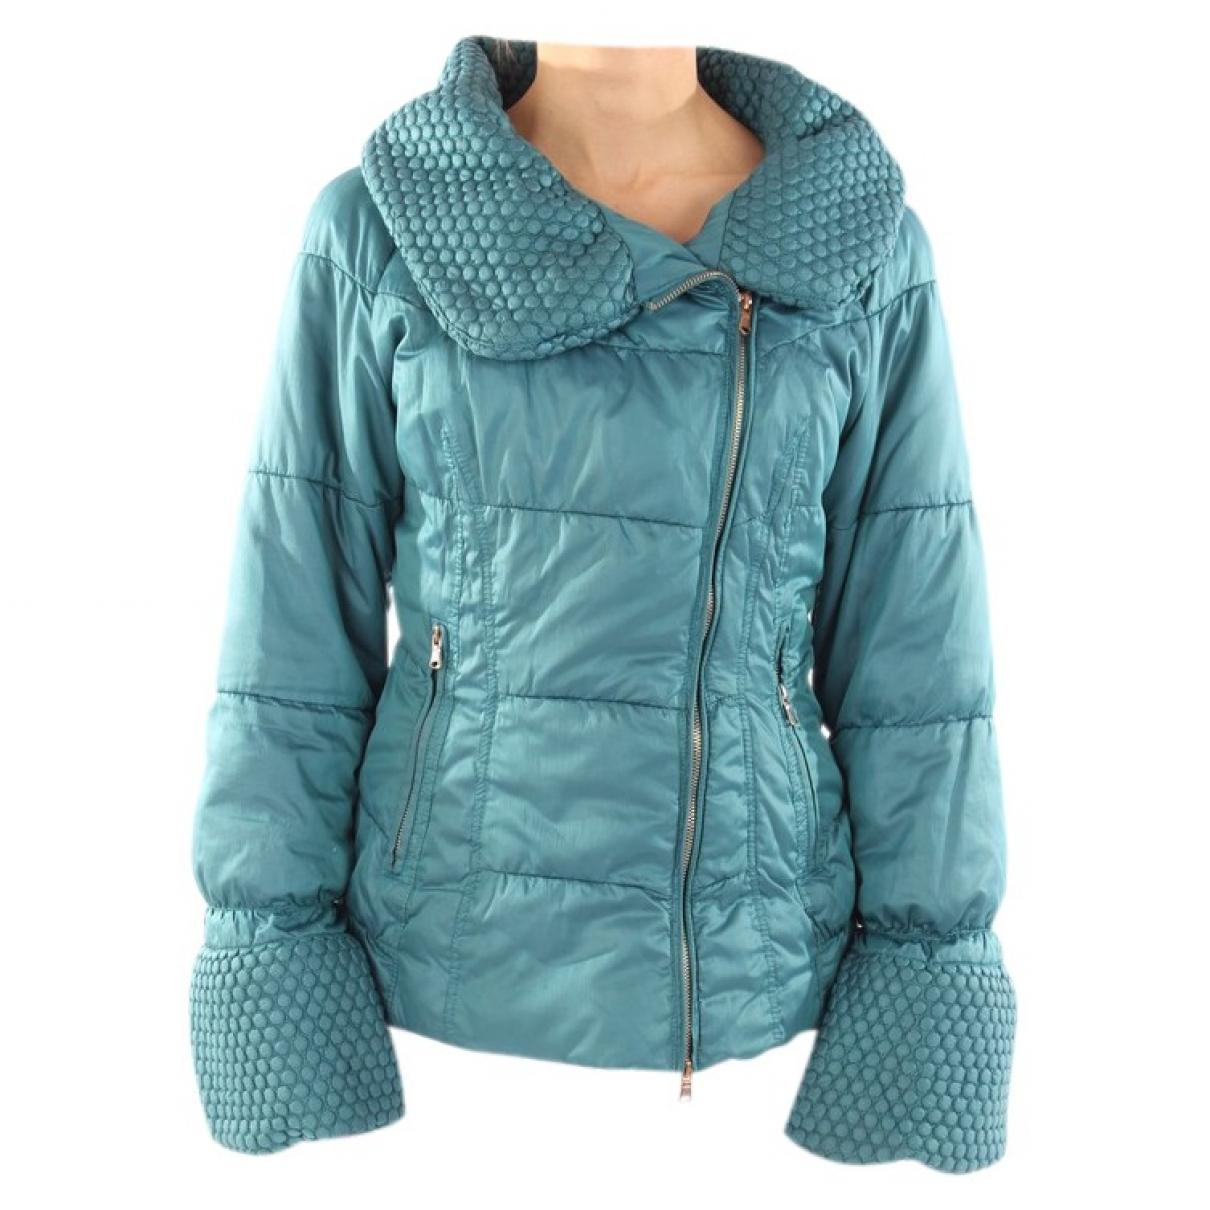 Project Foce \N Blue jacket for Women 36 FR